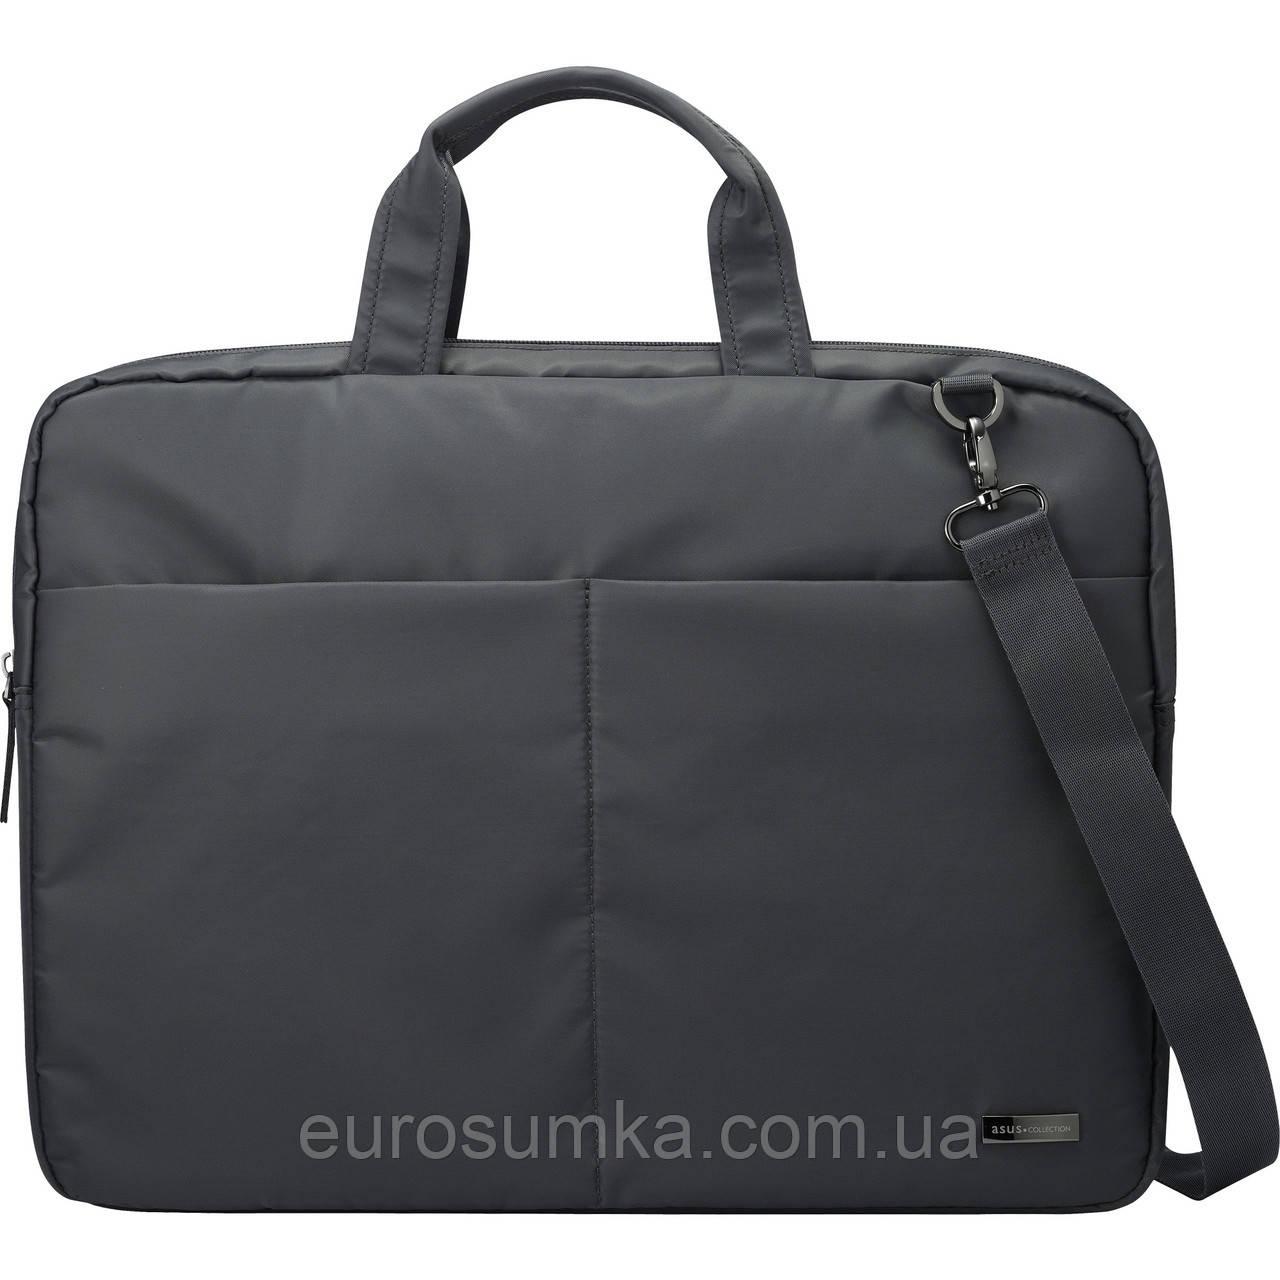 Сумка портфель под печать от 50 шт.